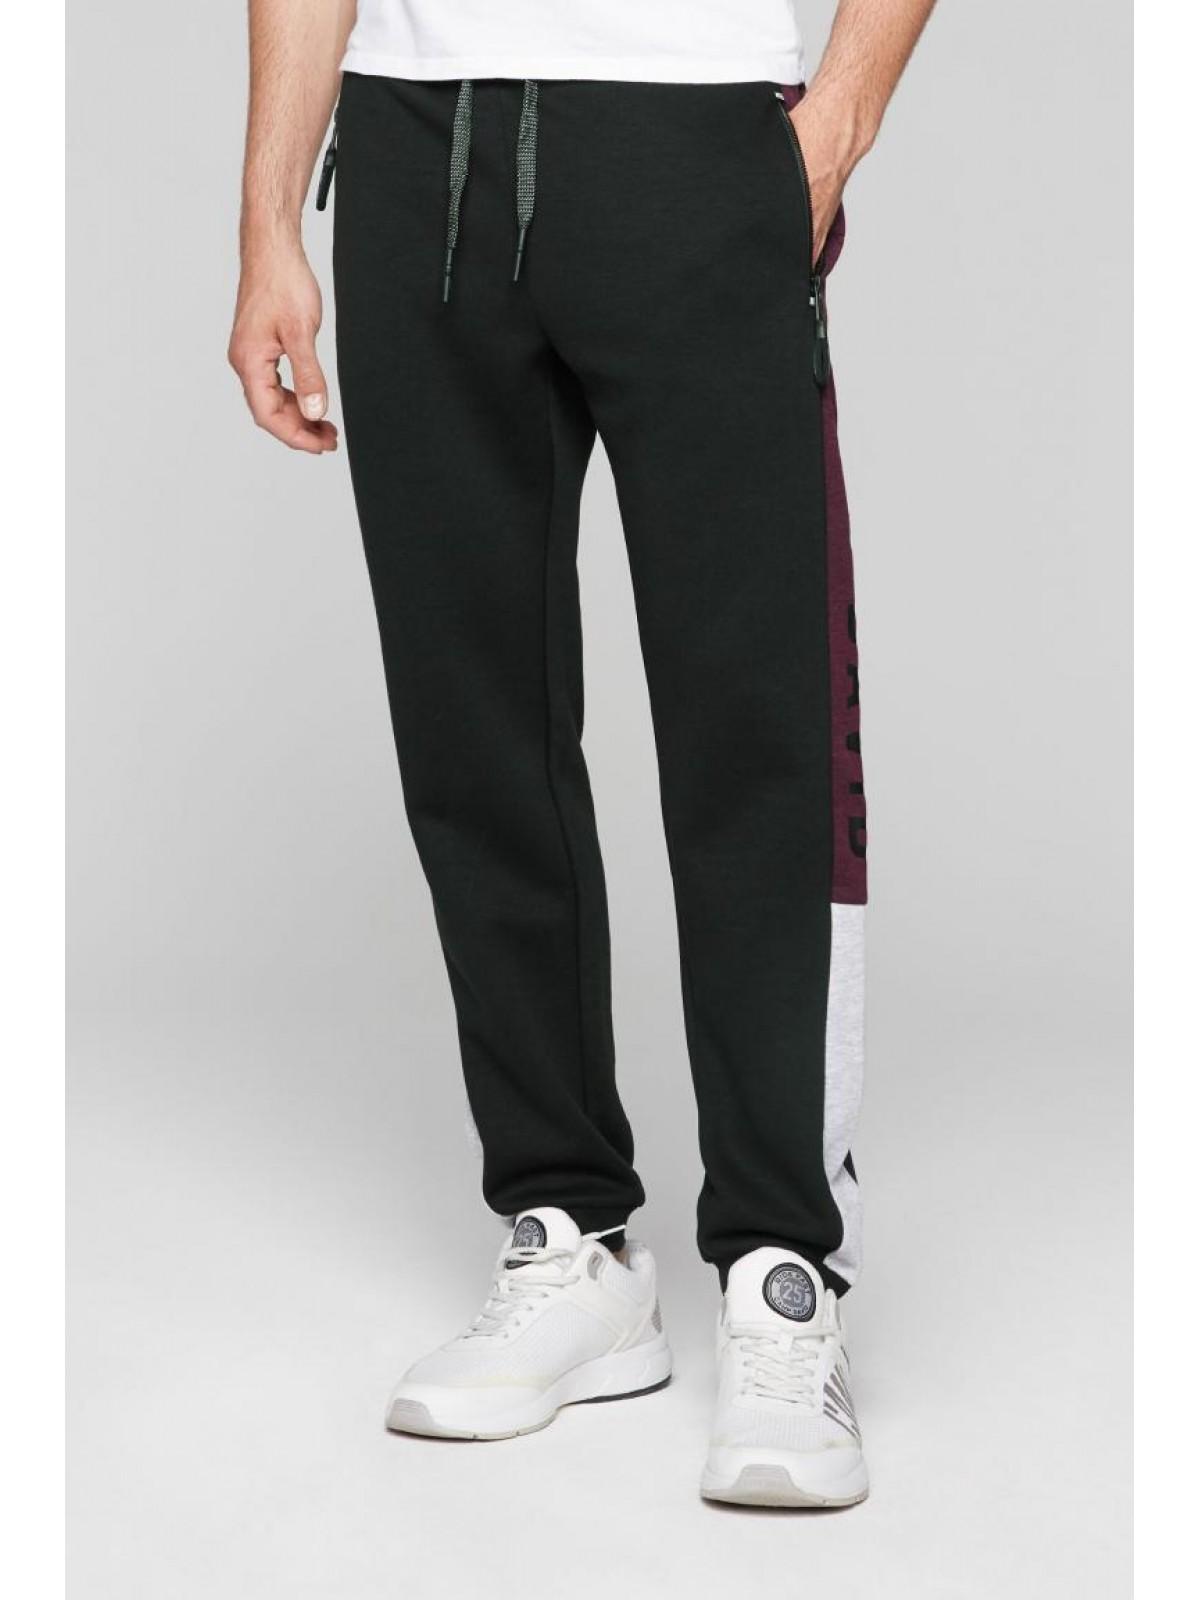 Спортивные брюки Camp David 2108-1253-21 Ожидается!!!